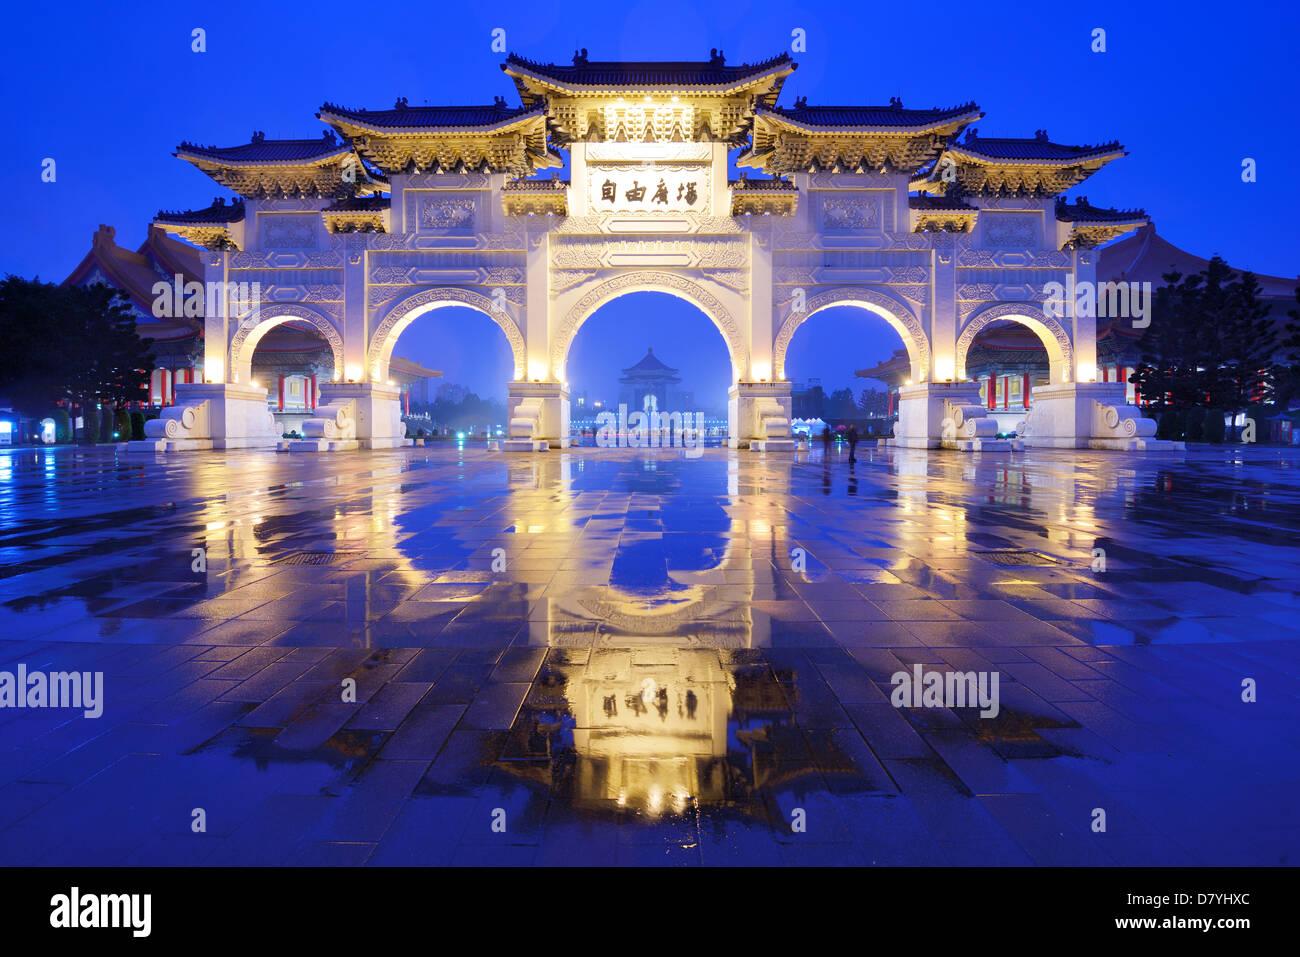 Arches à la place de la liberté à Taipei, Taiwan. Photo Stock